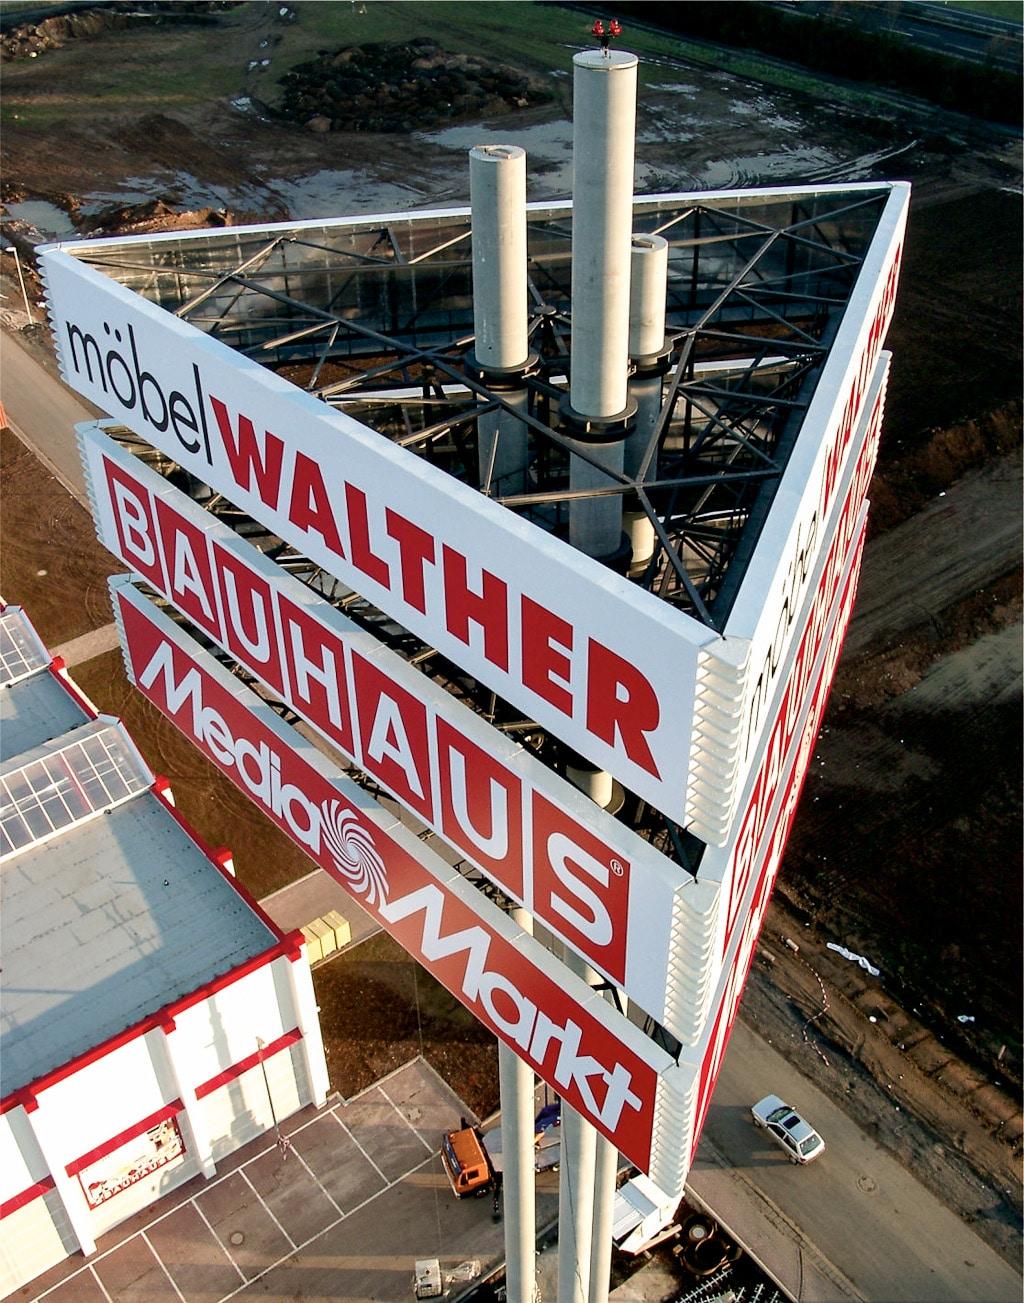 Walther Bauhaus Mediamarkt – Pylon